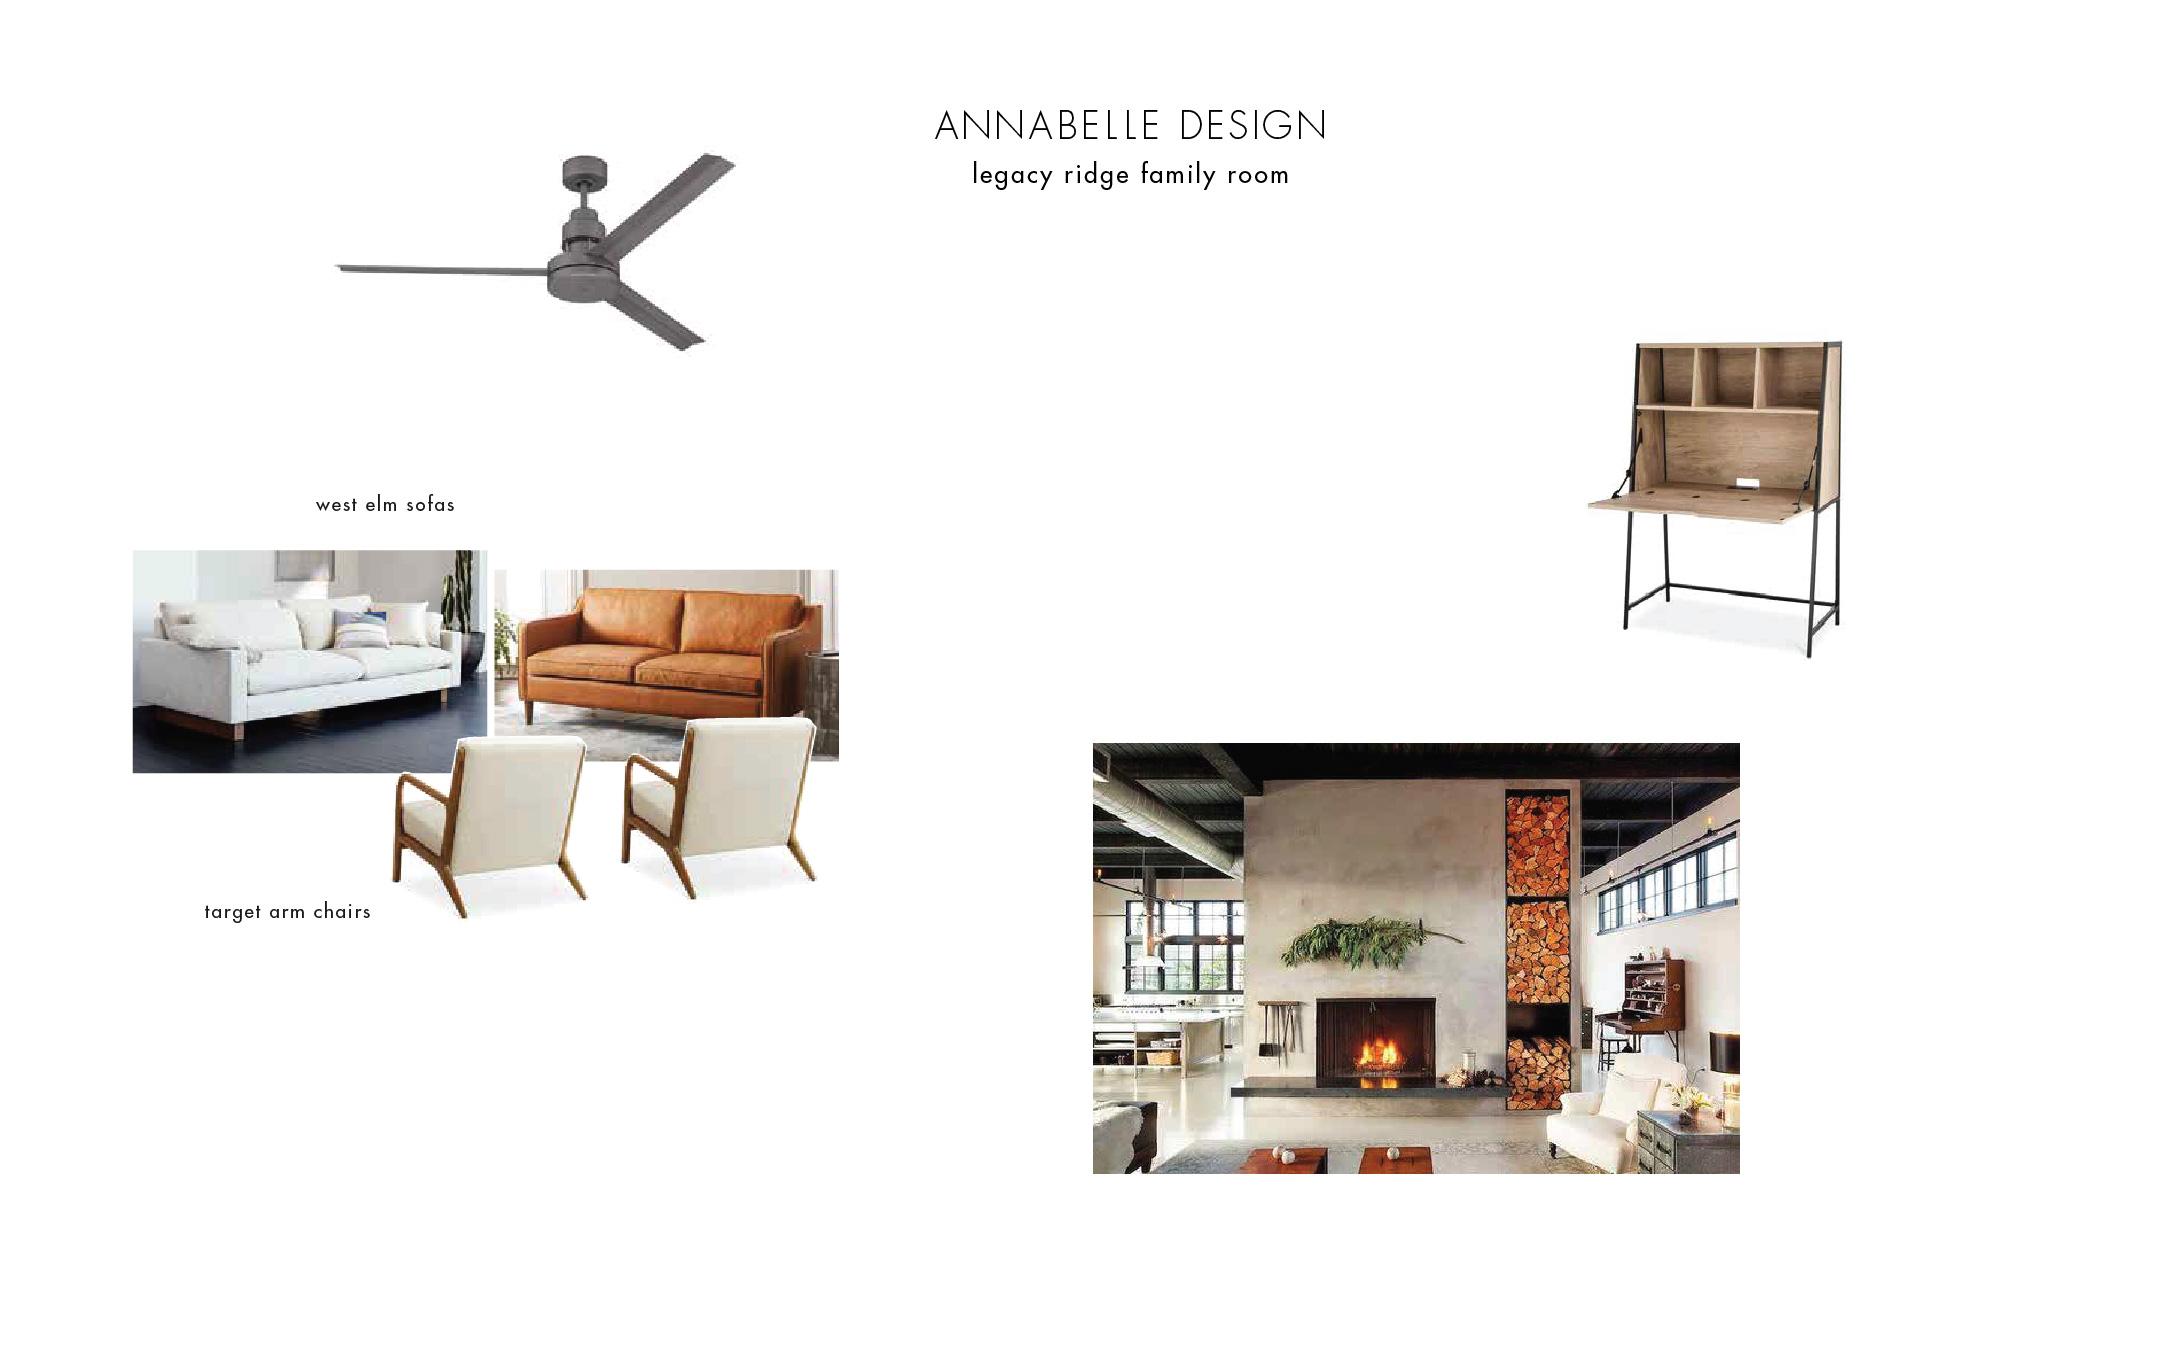 LegacyRidge-DesignBoardsConstructWeb-07.jpg